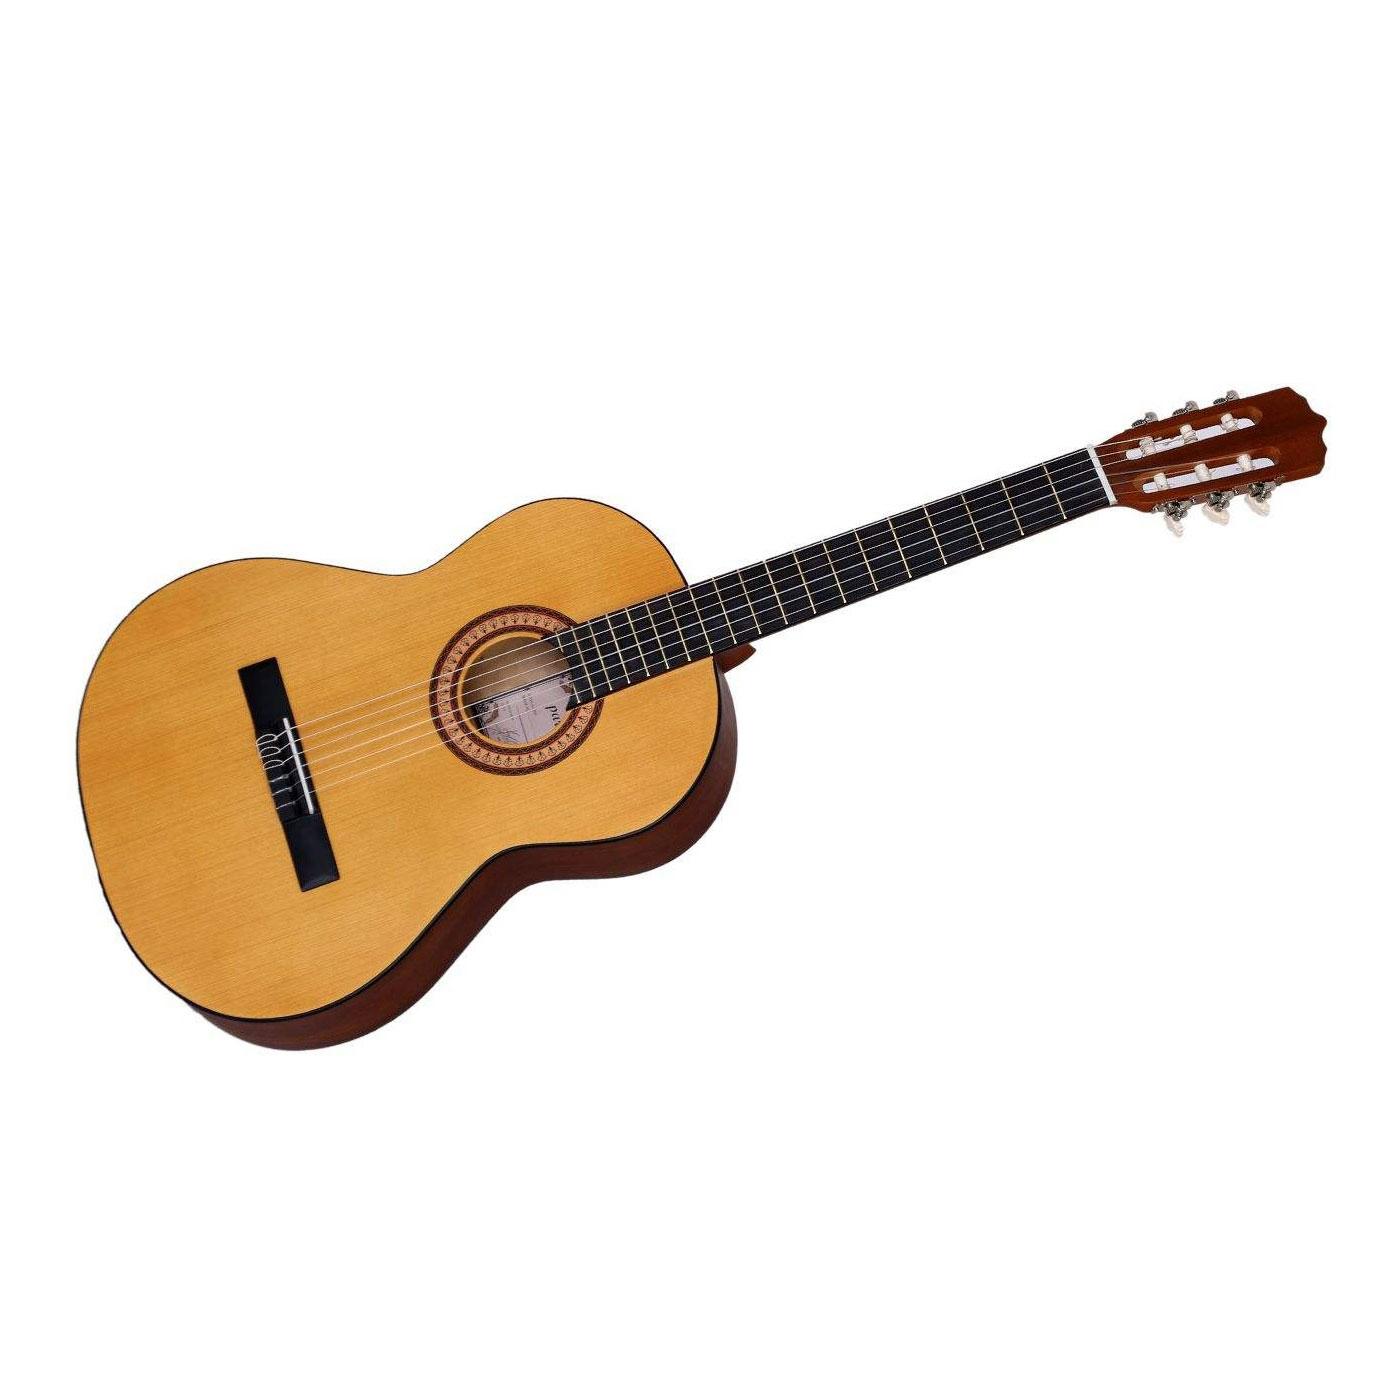 گیتار کلاسیک پارسی مدل M2، فروشگاه اینترنتی آف تپ، خرید آنلاین لوازم موسیقی، گیتار کلاسیک